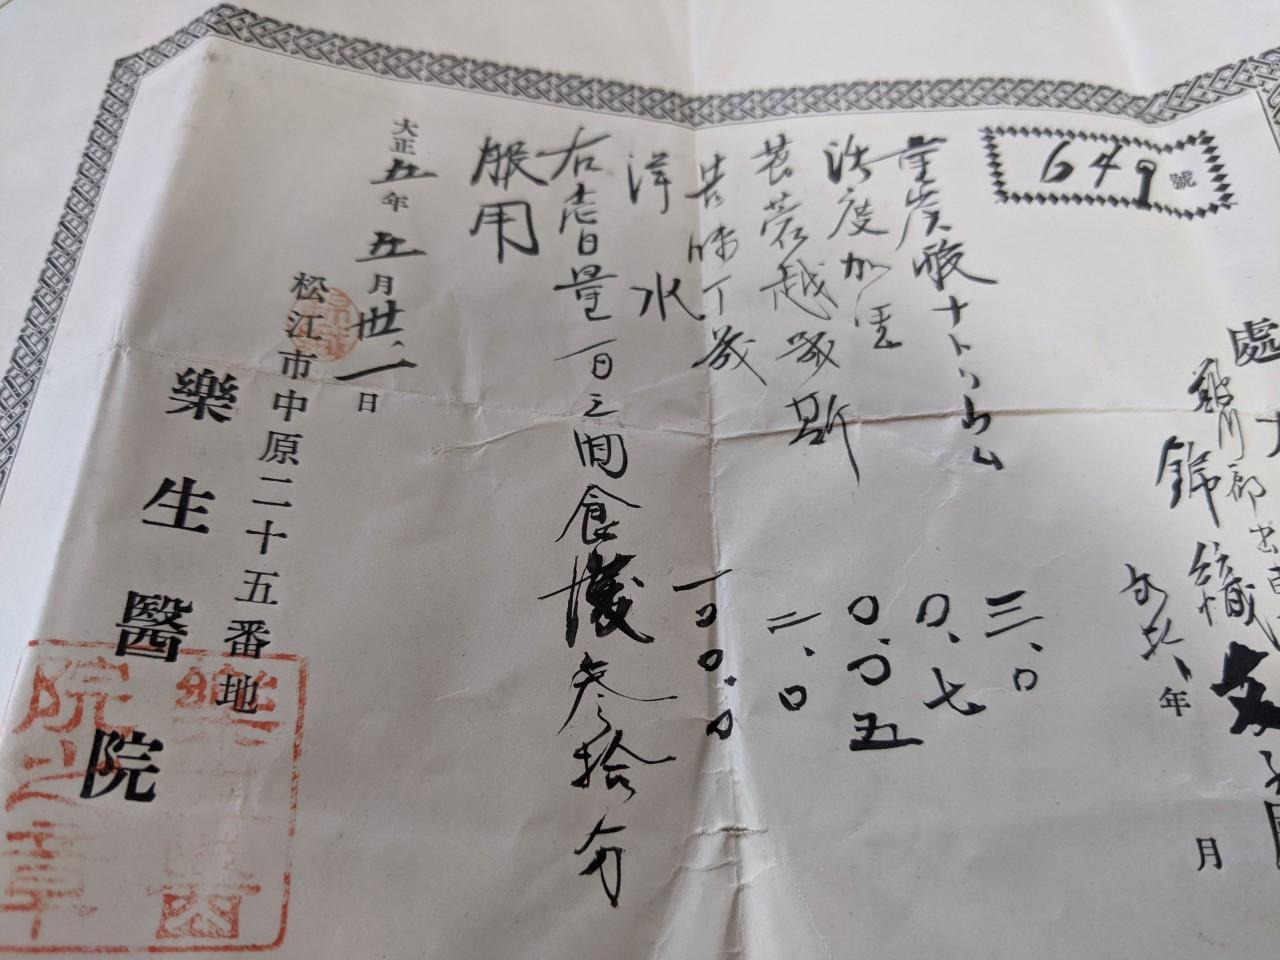 古文書調査「大正5年松江楽生医院処方箋」